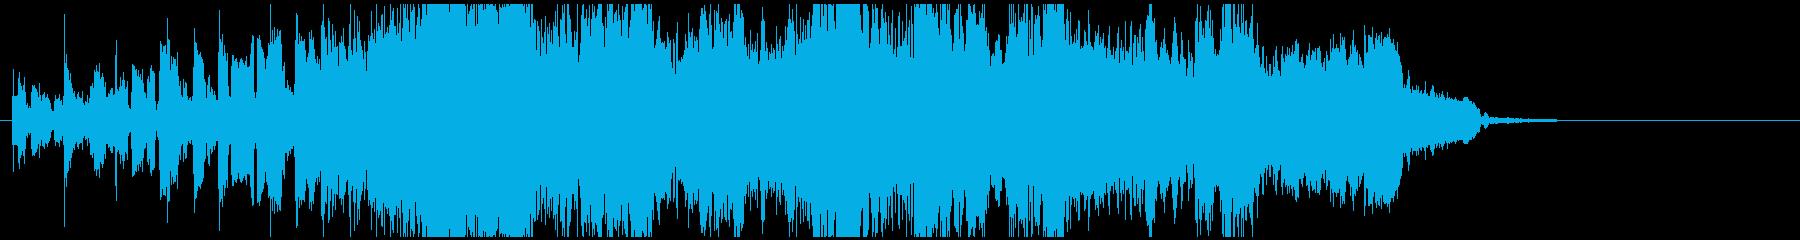 攻めるCMに!15秒サックスダブステップの再生済みの波形